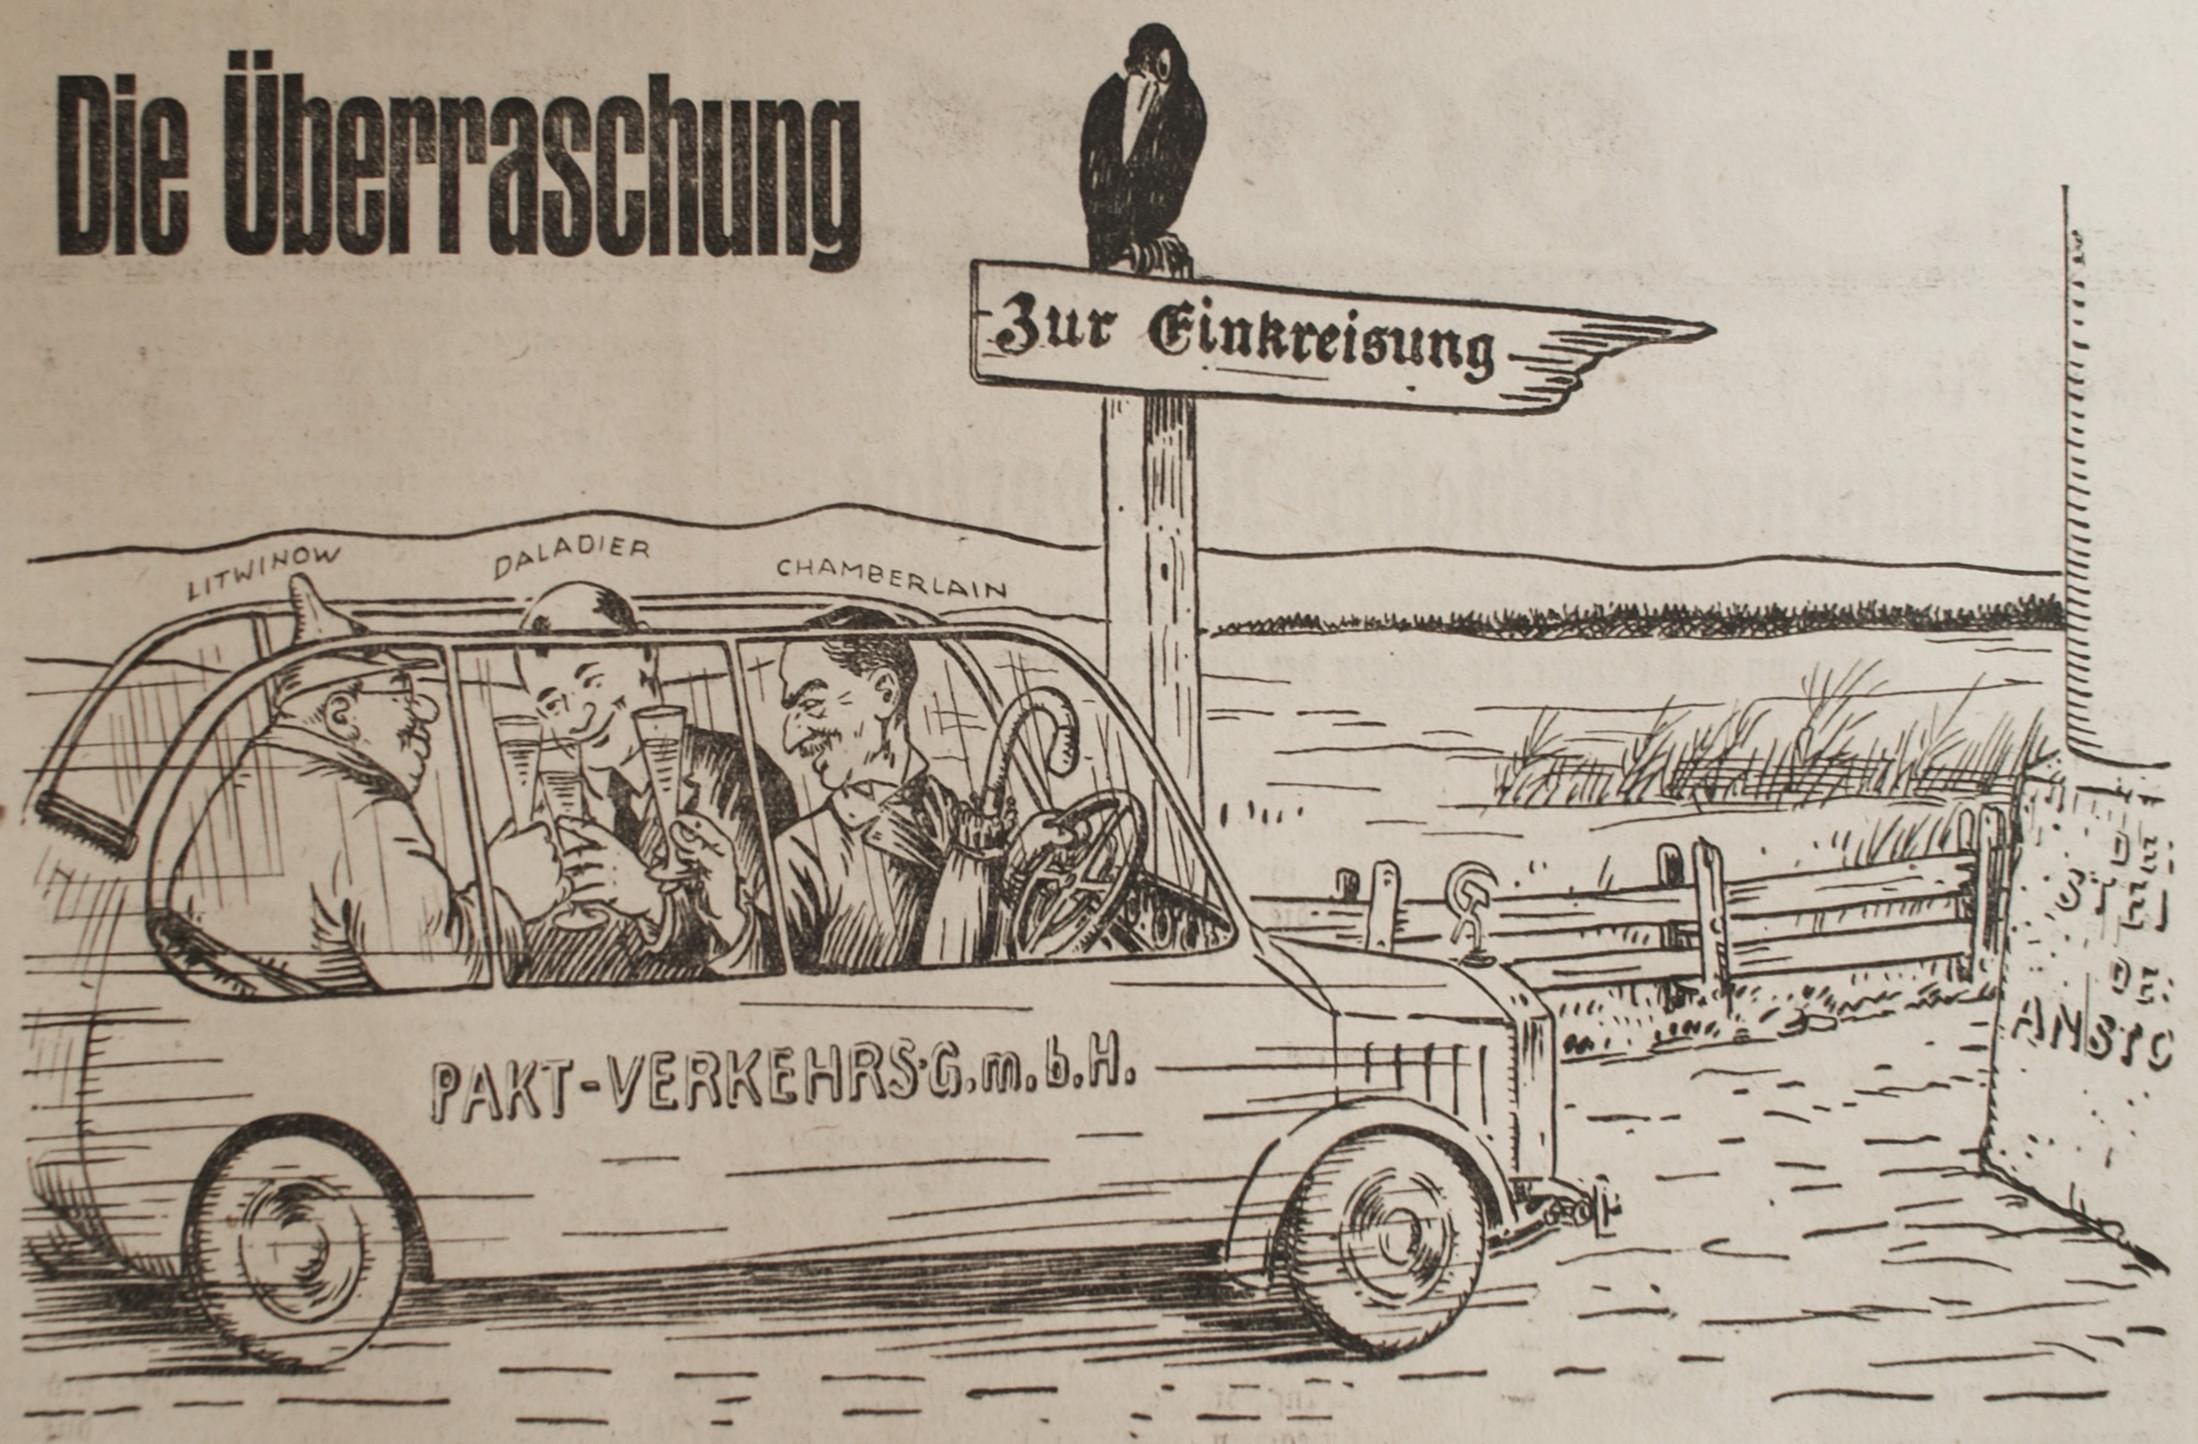 Bild: Die Überraschung: Litwinow, Daladier und Chamberlain auf dem Weg zur Einkreisung